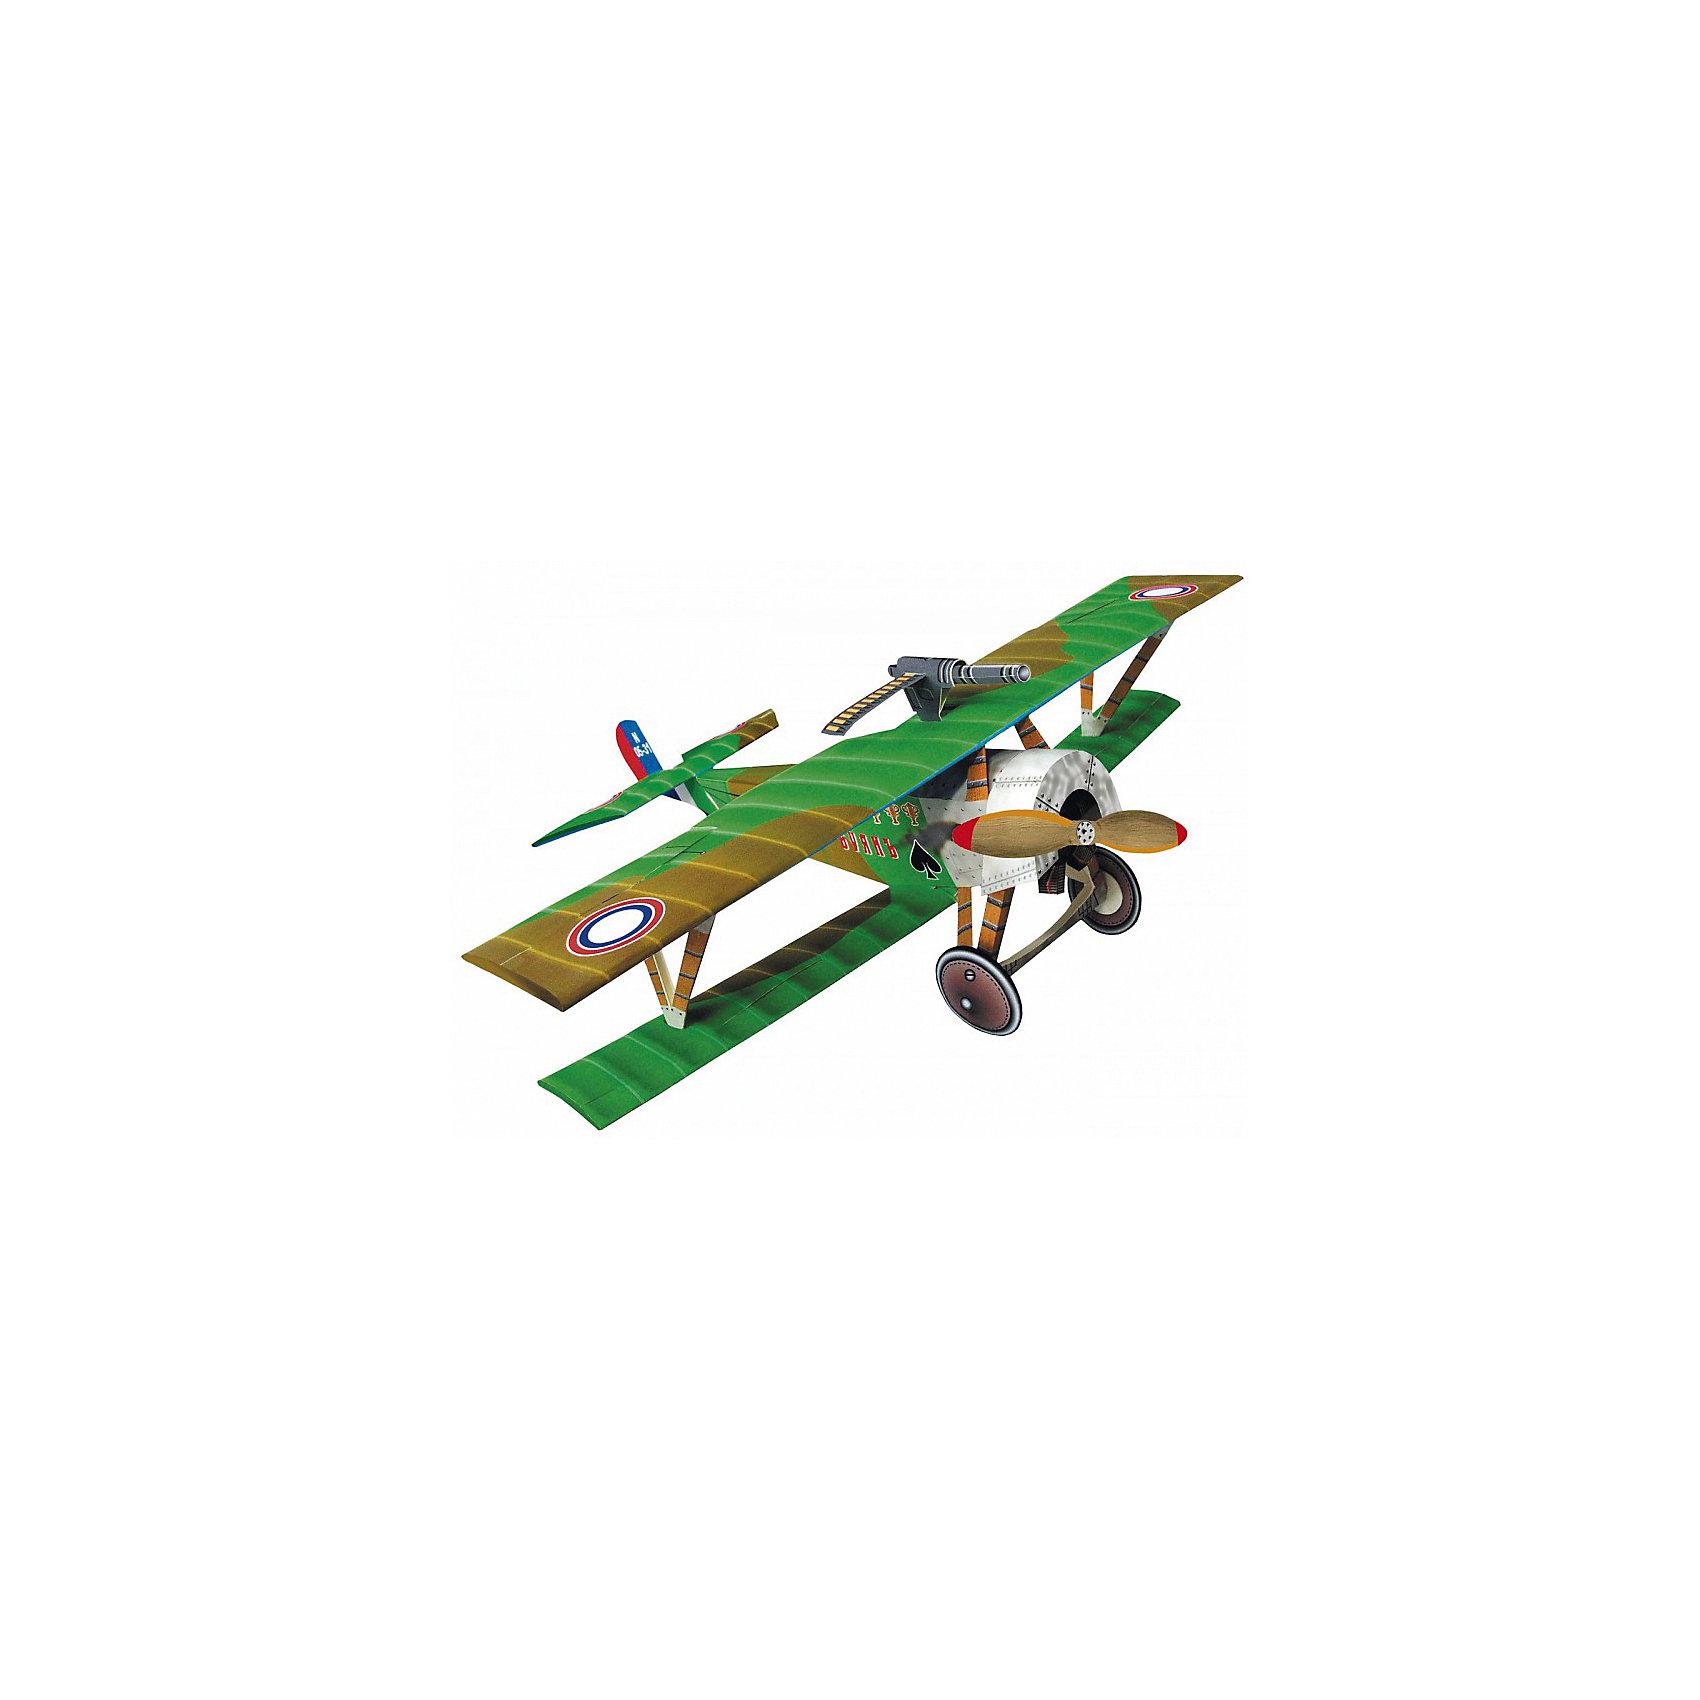 Сборная модель Биплан Ньюпор-16Бумажные модели<br>Биплан «Ньюпор» - боевой самолет. На таких самолетах пилоты стран Антанты бились в небесах во время Первой мировой войны с немецкими и австро-венгерскими летчиками.  Высокая степень детализации и реалистичные детали делают сборку конструктора очень интересным занятием. Принцип соединения деталей запатентован: все соединения разработаны и рассчитаны с такой точностью, что с правильно собранной игрушкой можно играть, как с обычной. Конструирование увлекательный и полезный процесс, развивающий мелкую моторику, внимание, усидчивость, пространственное мышление и фантазию. <br>Все сборные модели «Умная Бумага» разрабатываются на основе чертежей и фотографий оригинала. В их оформлении широко используются современные способы обработки бумаги для передачи рельефности поверхности, а для имитации хромированных и золоченых элементов применяется тиснение фольгой.<br><br>Дополнительная информация:<br><br>- Материал: картон.<br>- 20 деталей. <br>- Размер упаковки: 22х34 см.<br><br>Сборную модель Биплан Ньюпор-16 можно купить в нашем магазине.<br><br>Ширина мм: 219<br>Глубина мм: 335<br>Высота мм: 3<br>Вес г: 140<br>Возраст от месяцев: 72<br>Возраст до месяцев: 168<br>Пол: Мужской<br>Возраст: Детский<br>SKU: 4697732